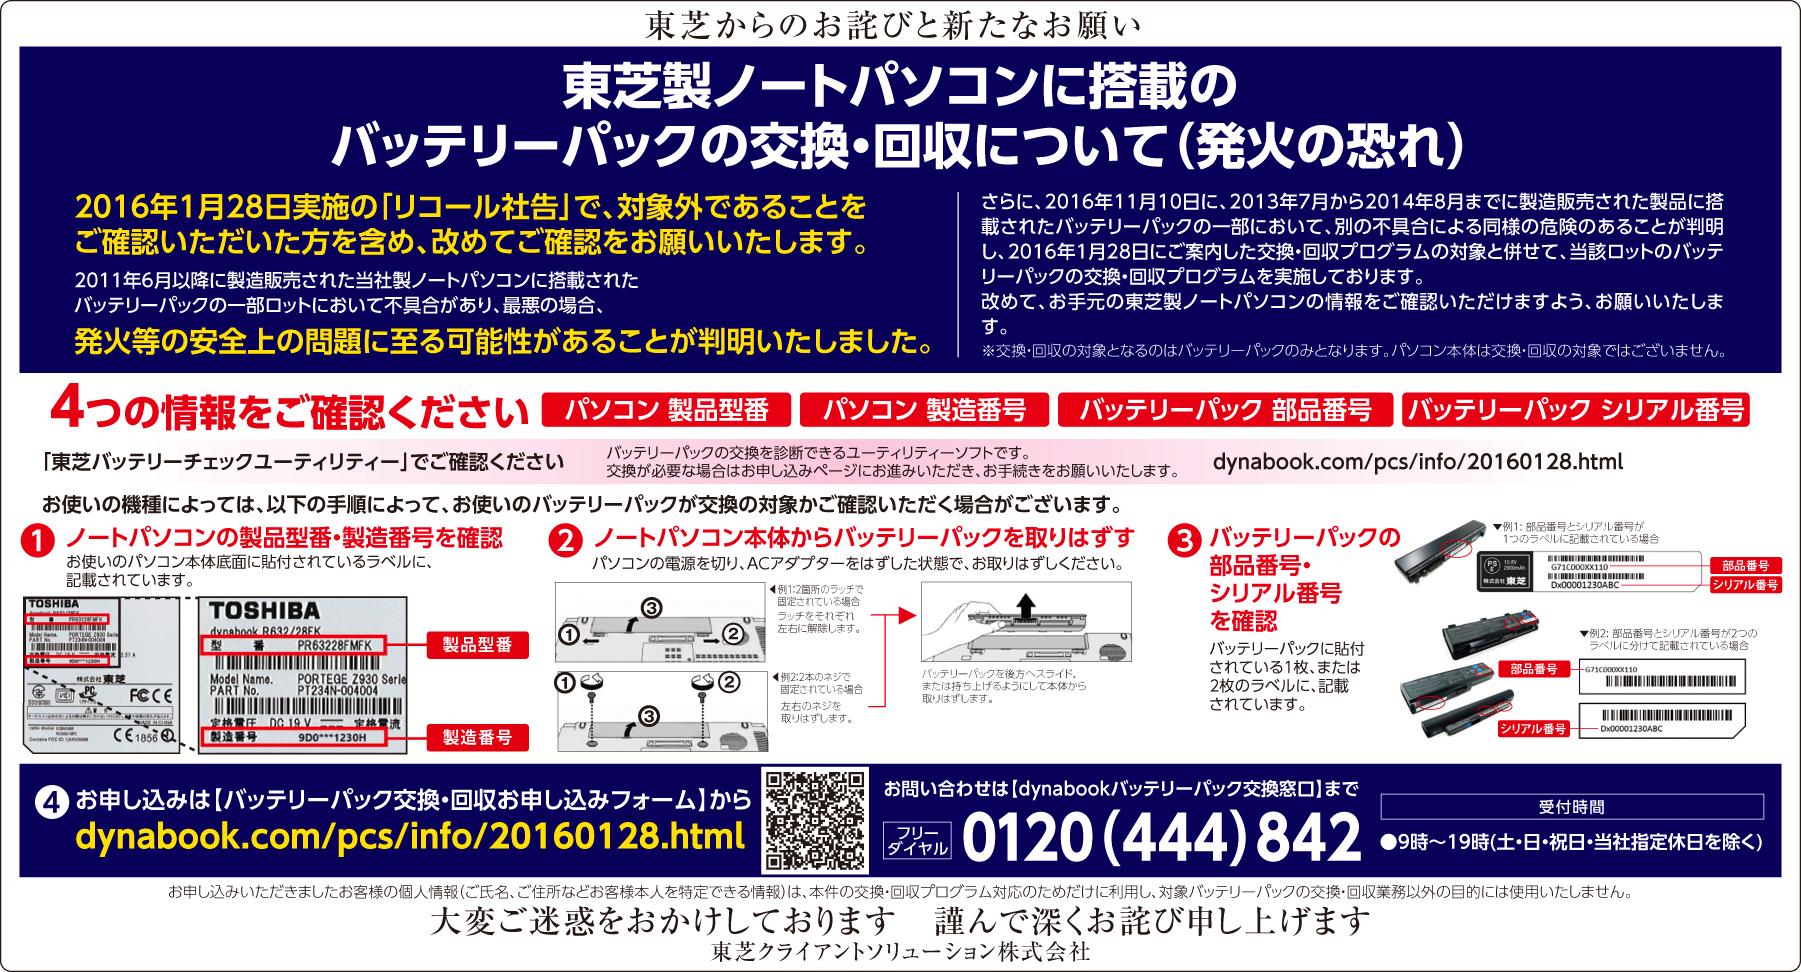 東芝製ノートパソコン搭載のバッテリーパックの交換・回収について(発火の恐れ)